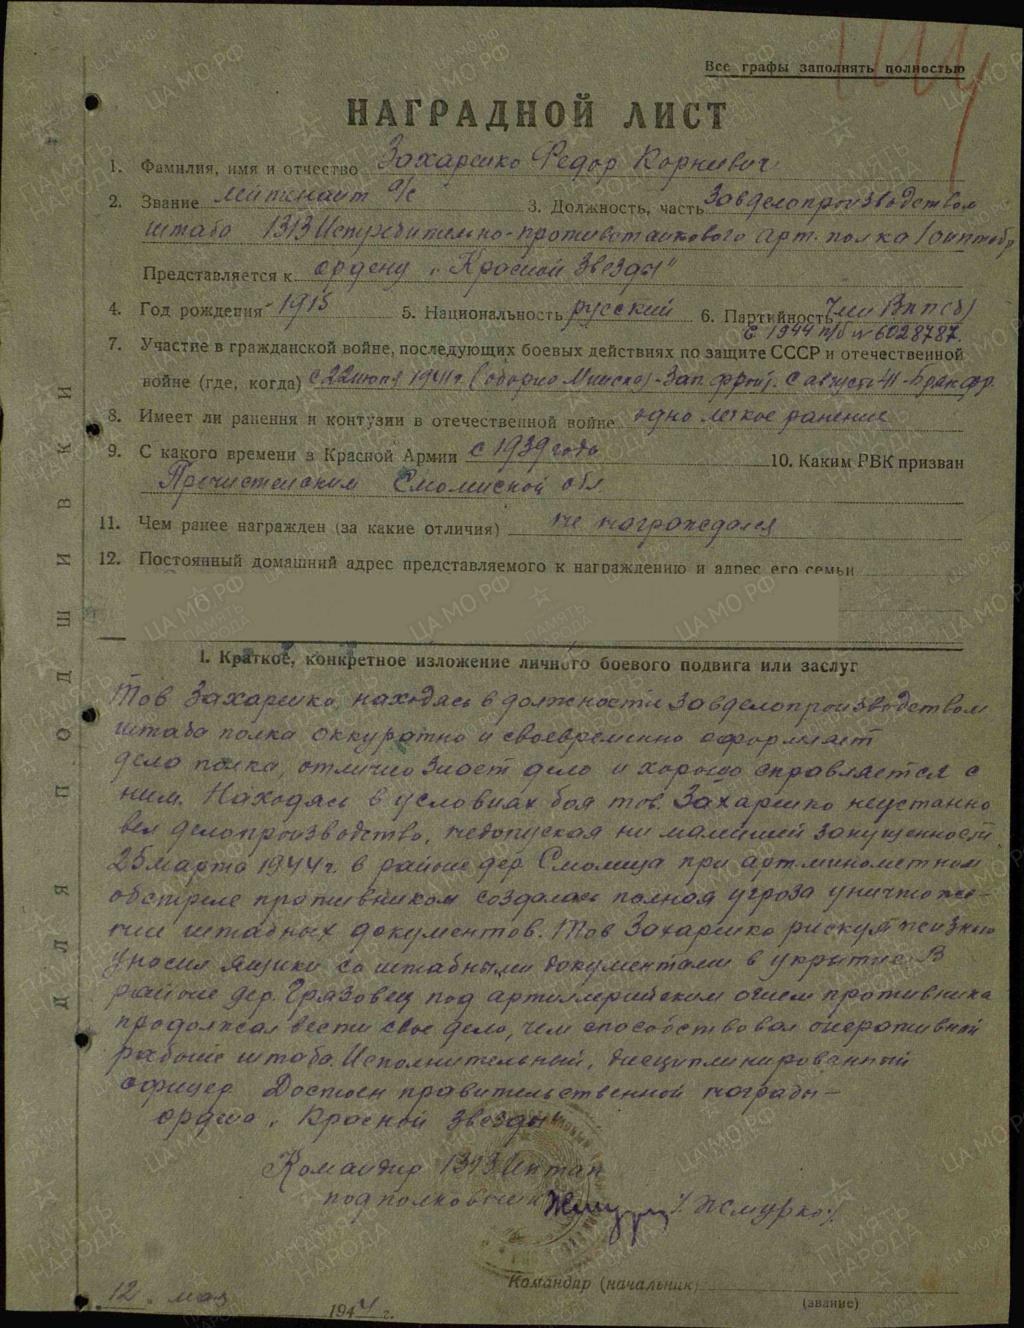 Захаренков (Захаренко) Федор Корнеевич, 08.03.1941 г., Белосток 00000210